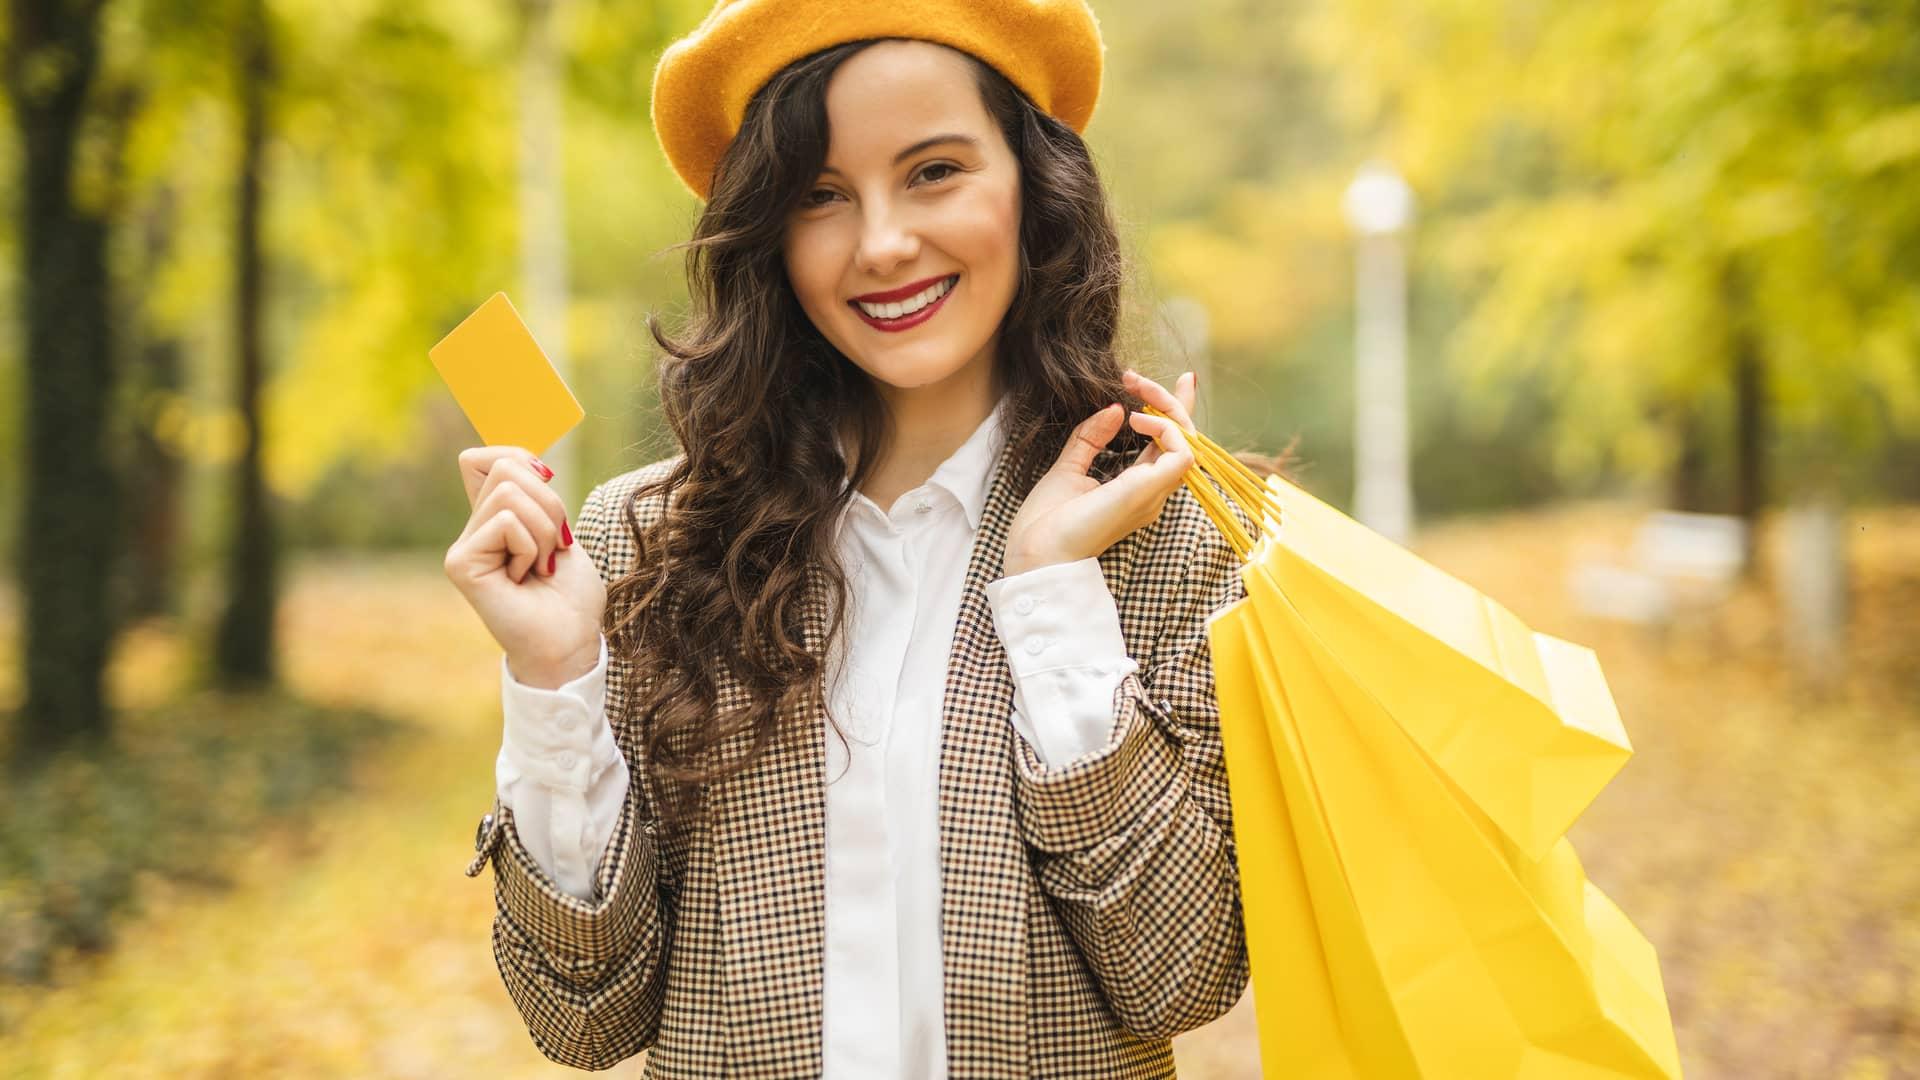 Mujer sonriente volviendo de compras habiendo usado una tarjeta prepago